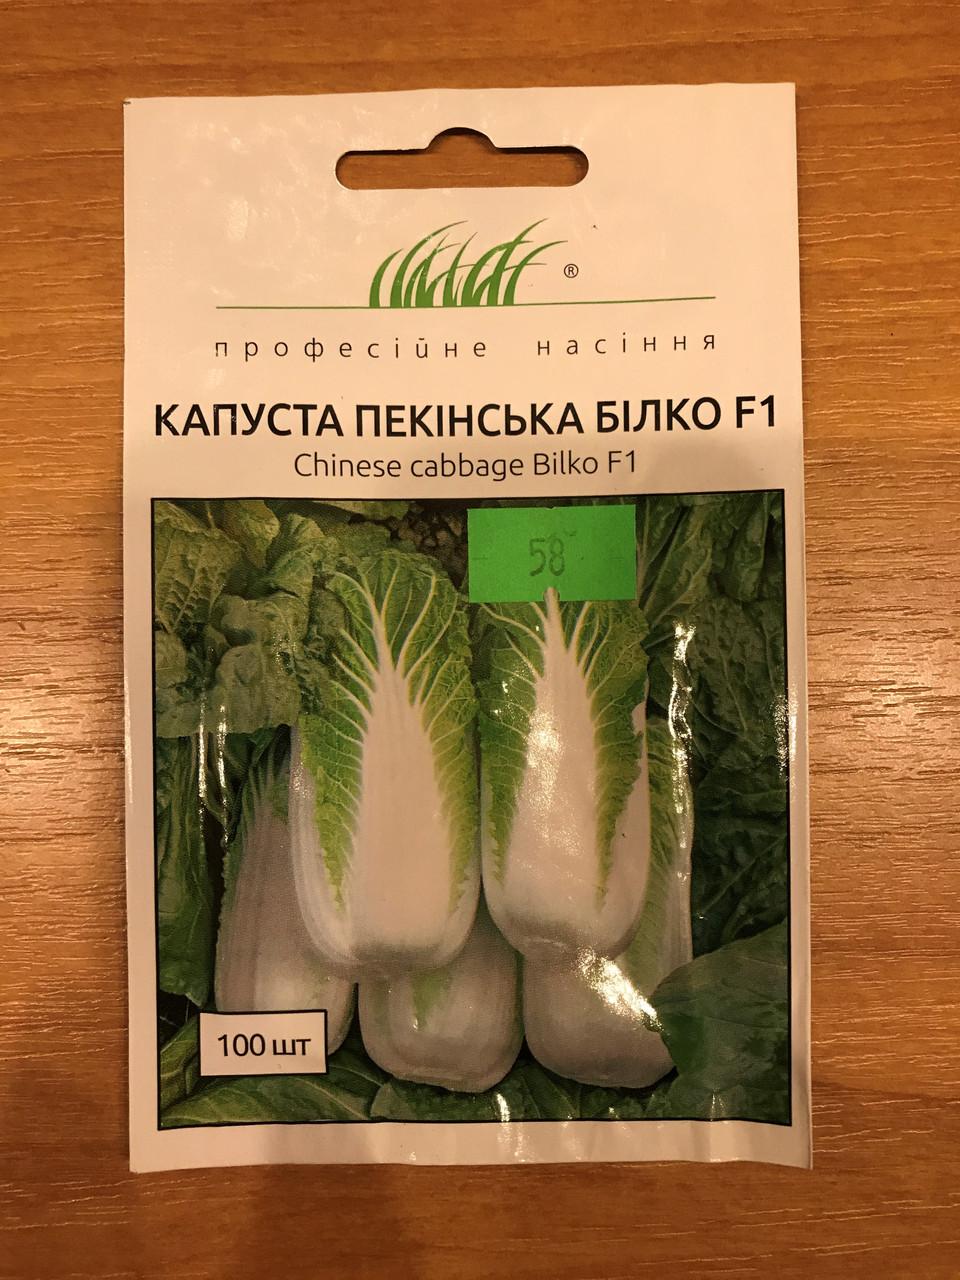 Семена капусты пекинской сорт Билко F1 100 шт.